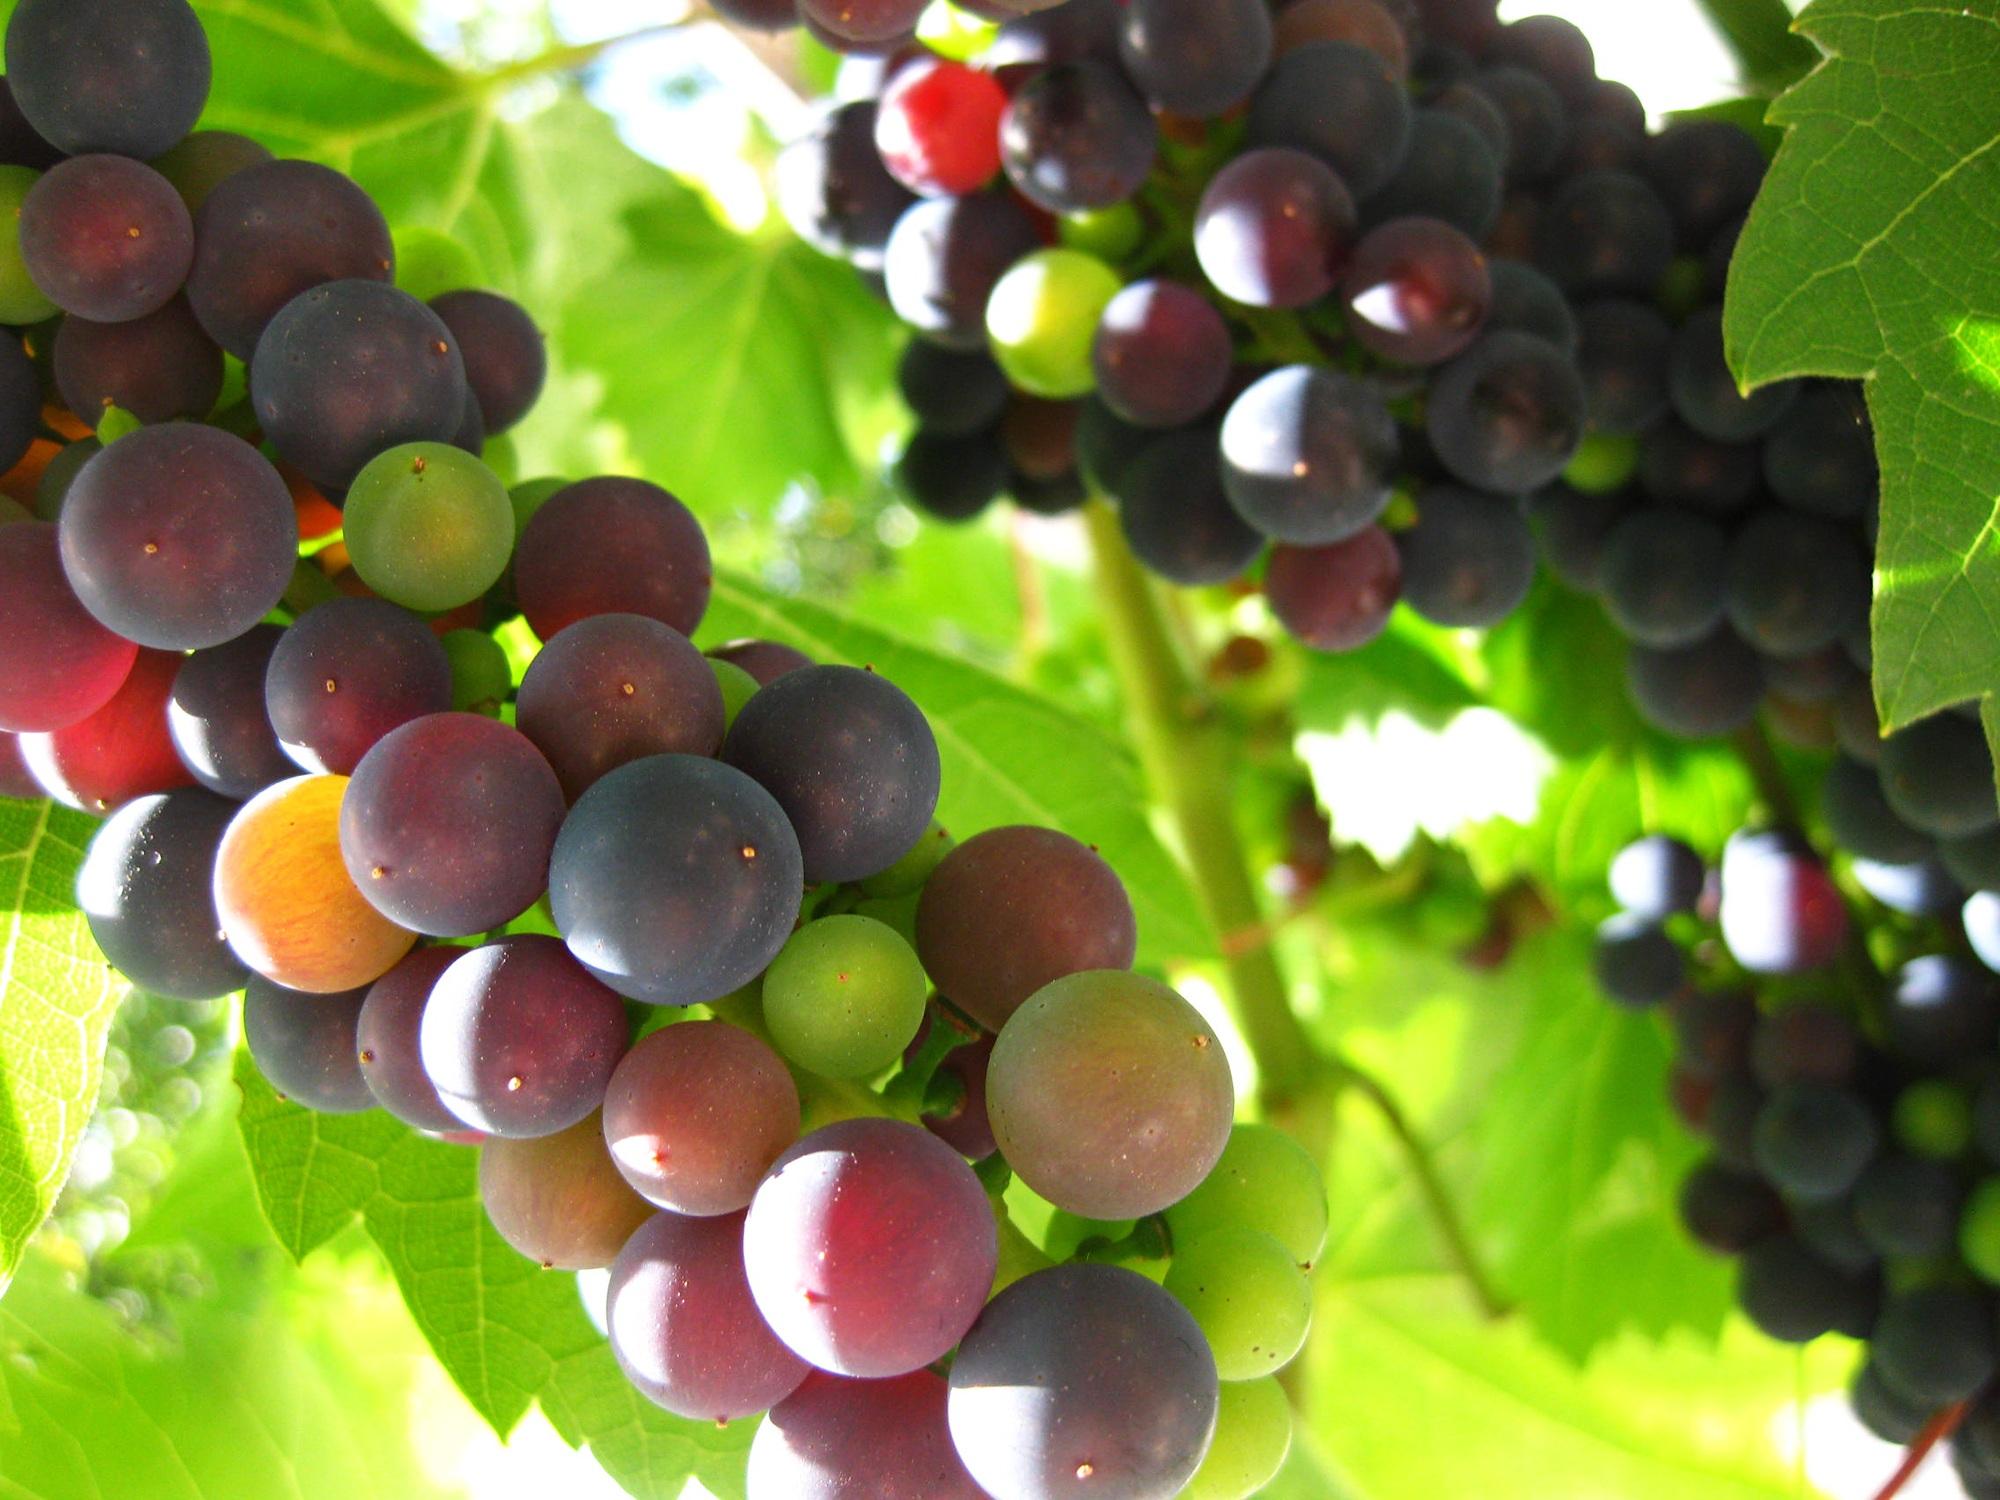 images gratuites paysage la nature grain de raisin du vin fruit doux aliments vert. Black Bedroom Furniture Sets. Home Design Ideas